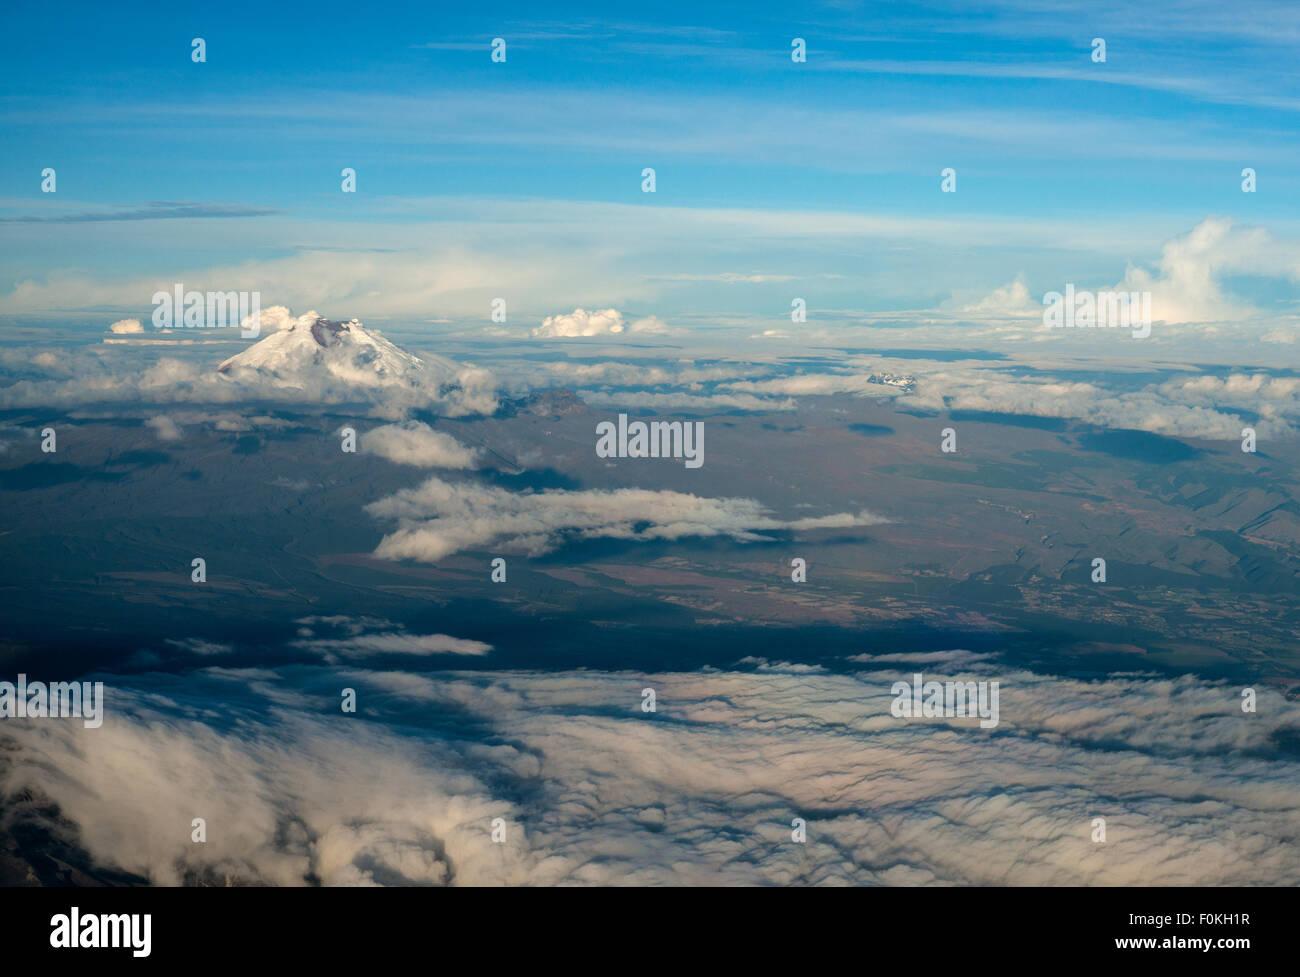 Cotopaxi, der höchste aktive Vulkan der Welt. Anden-Hochland von Ecuador, Südamerika Stockbild